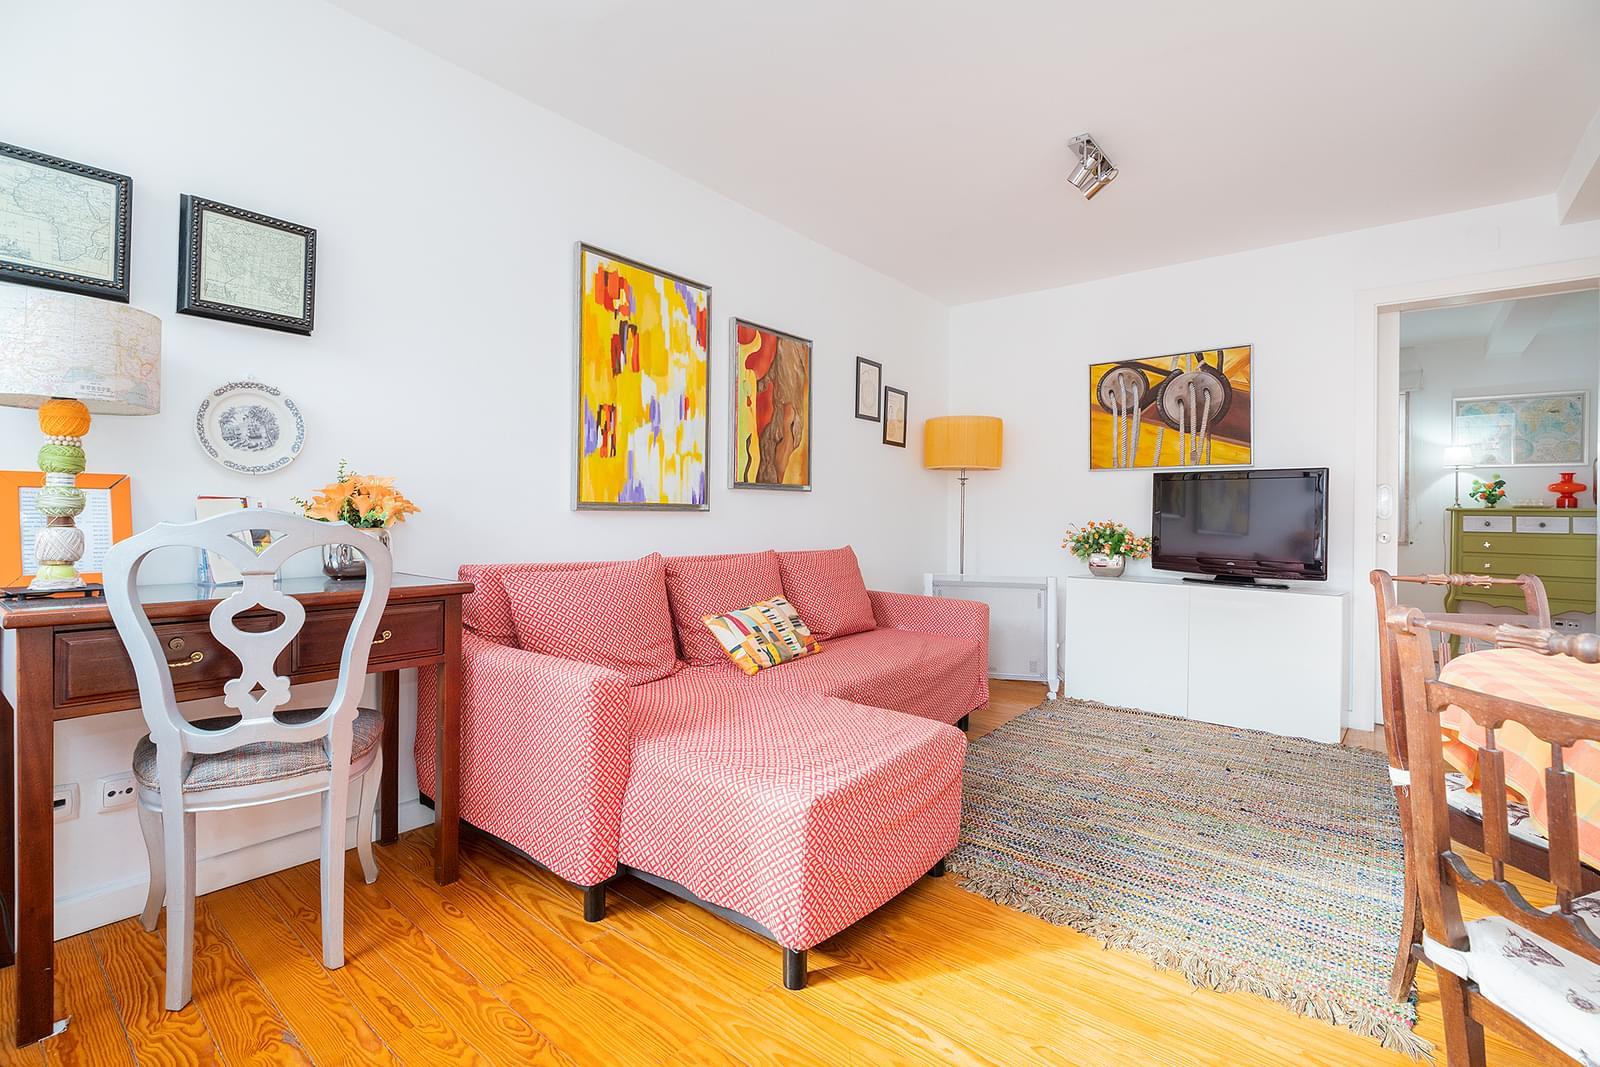 pf18727-apartamento-t1-lisboa-54d956af-90d9-4aaf-a12f-fedbe9d04a9b